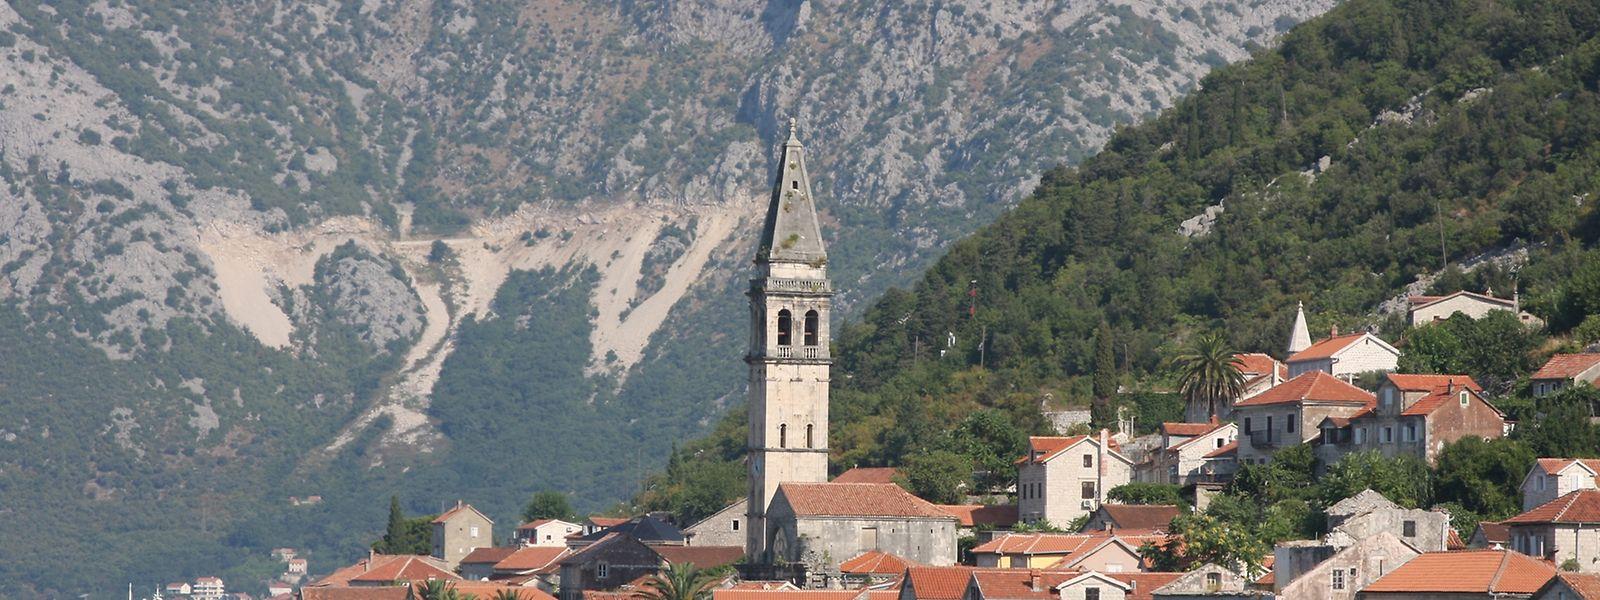 Montenegros Küste macht das Land zu einem Touristenmagnet.